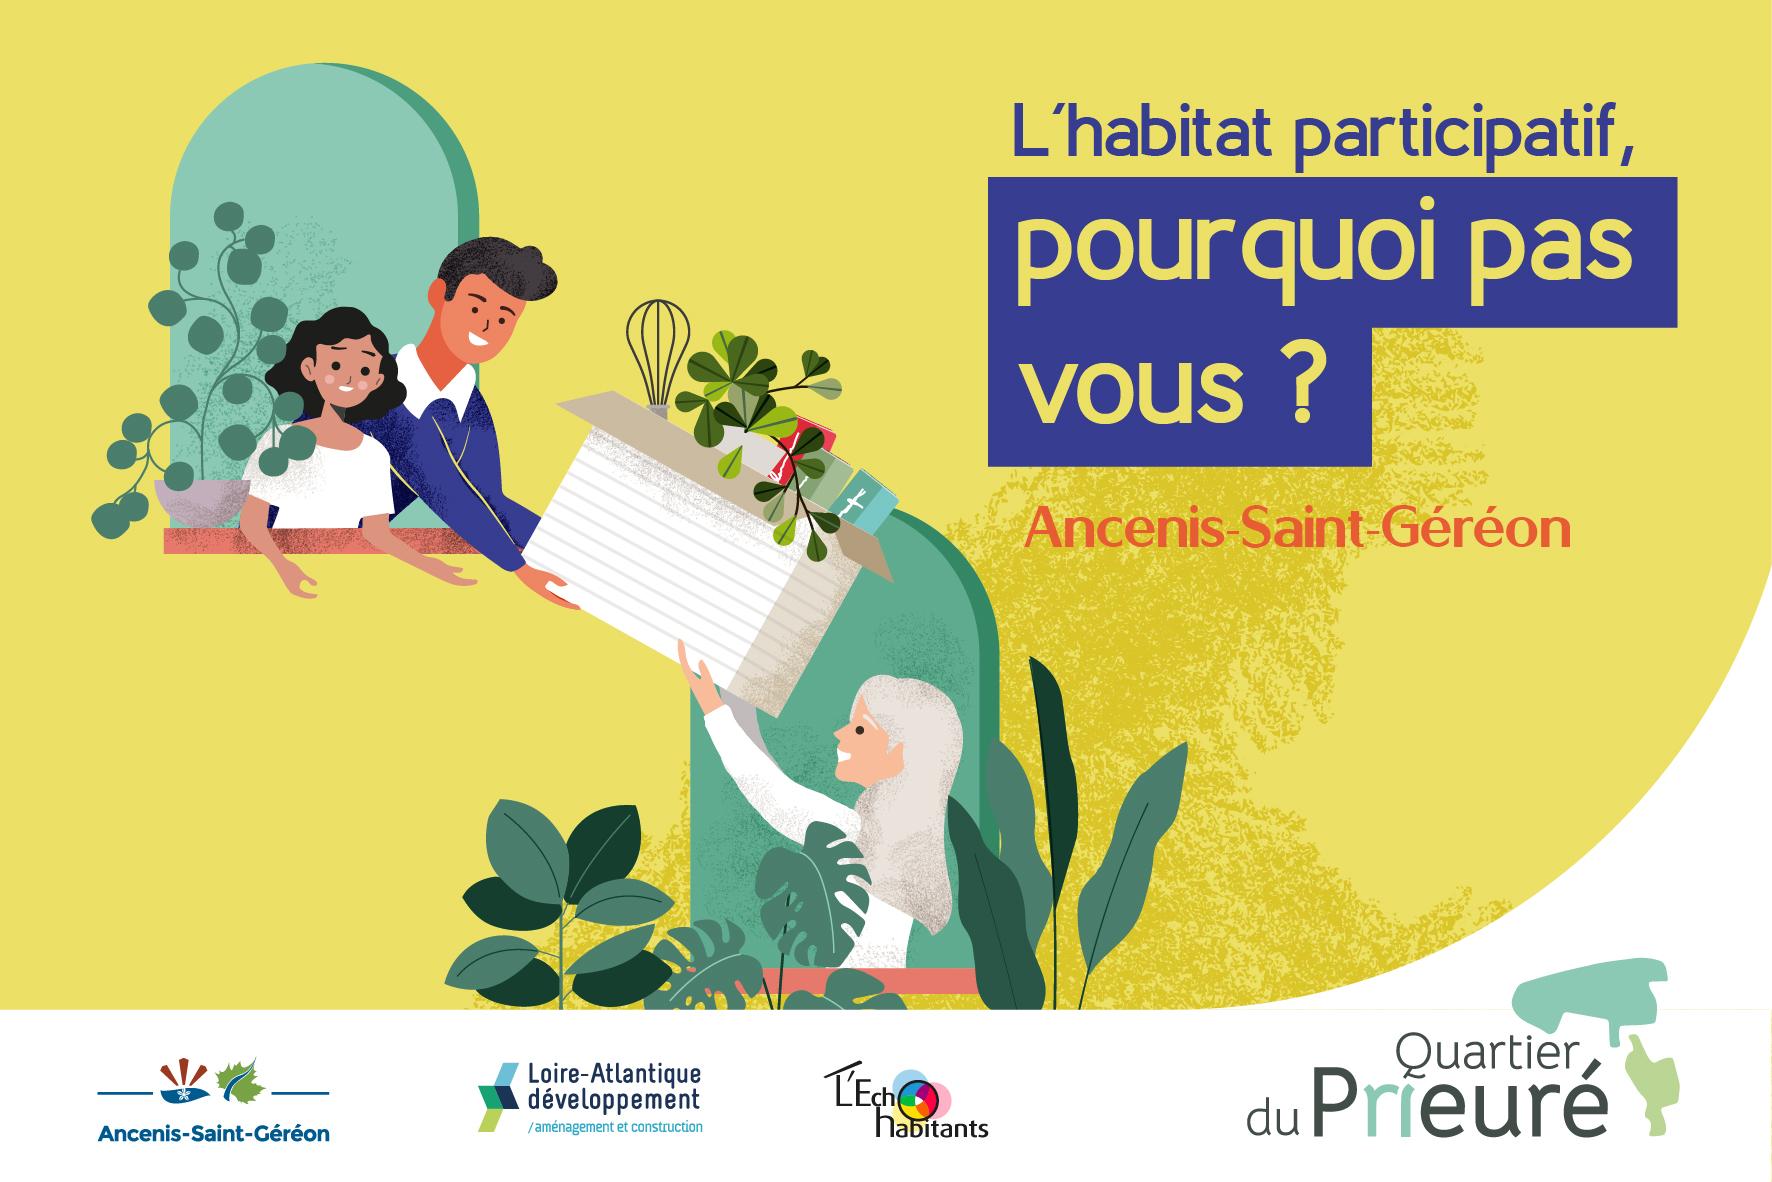 habitat participatif ancenis saint gereon